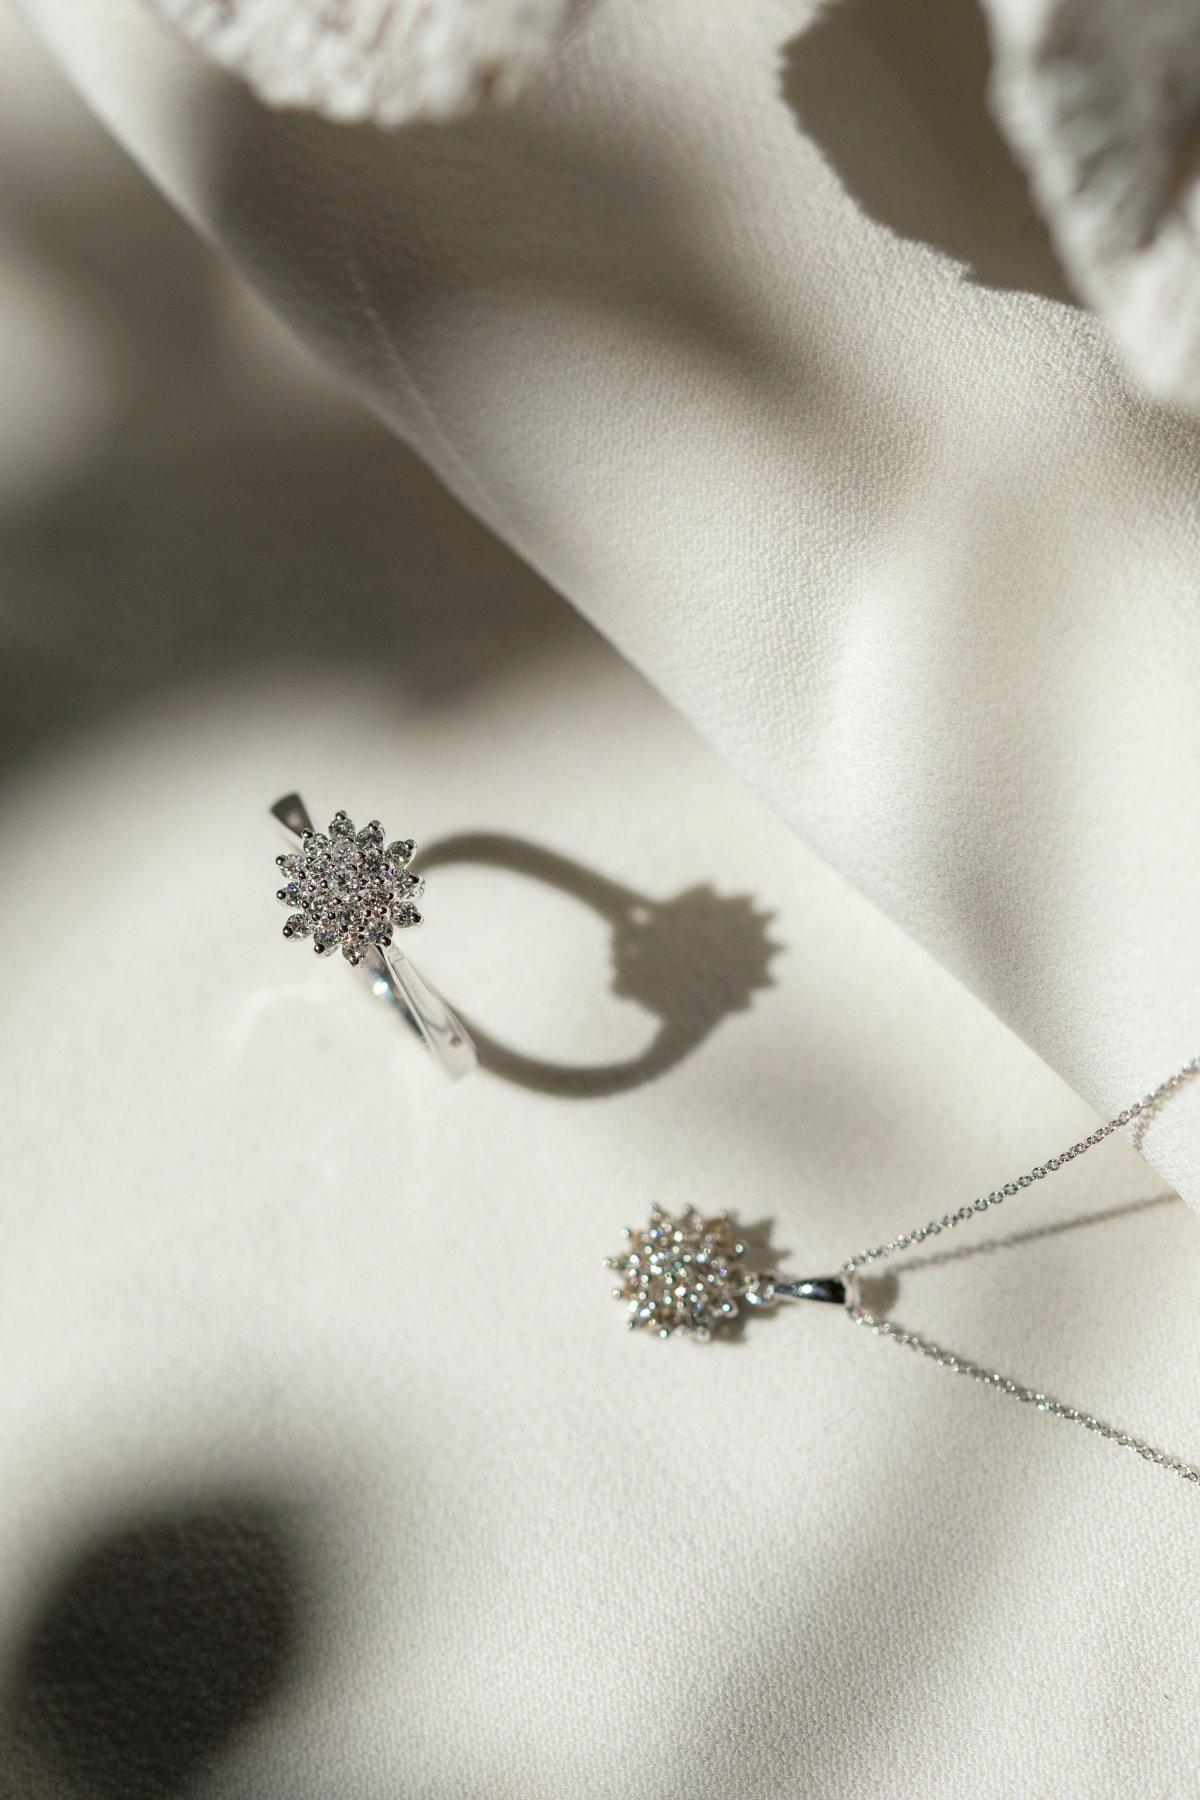 Kolekce briliantových šperků 999